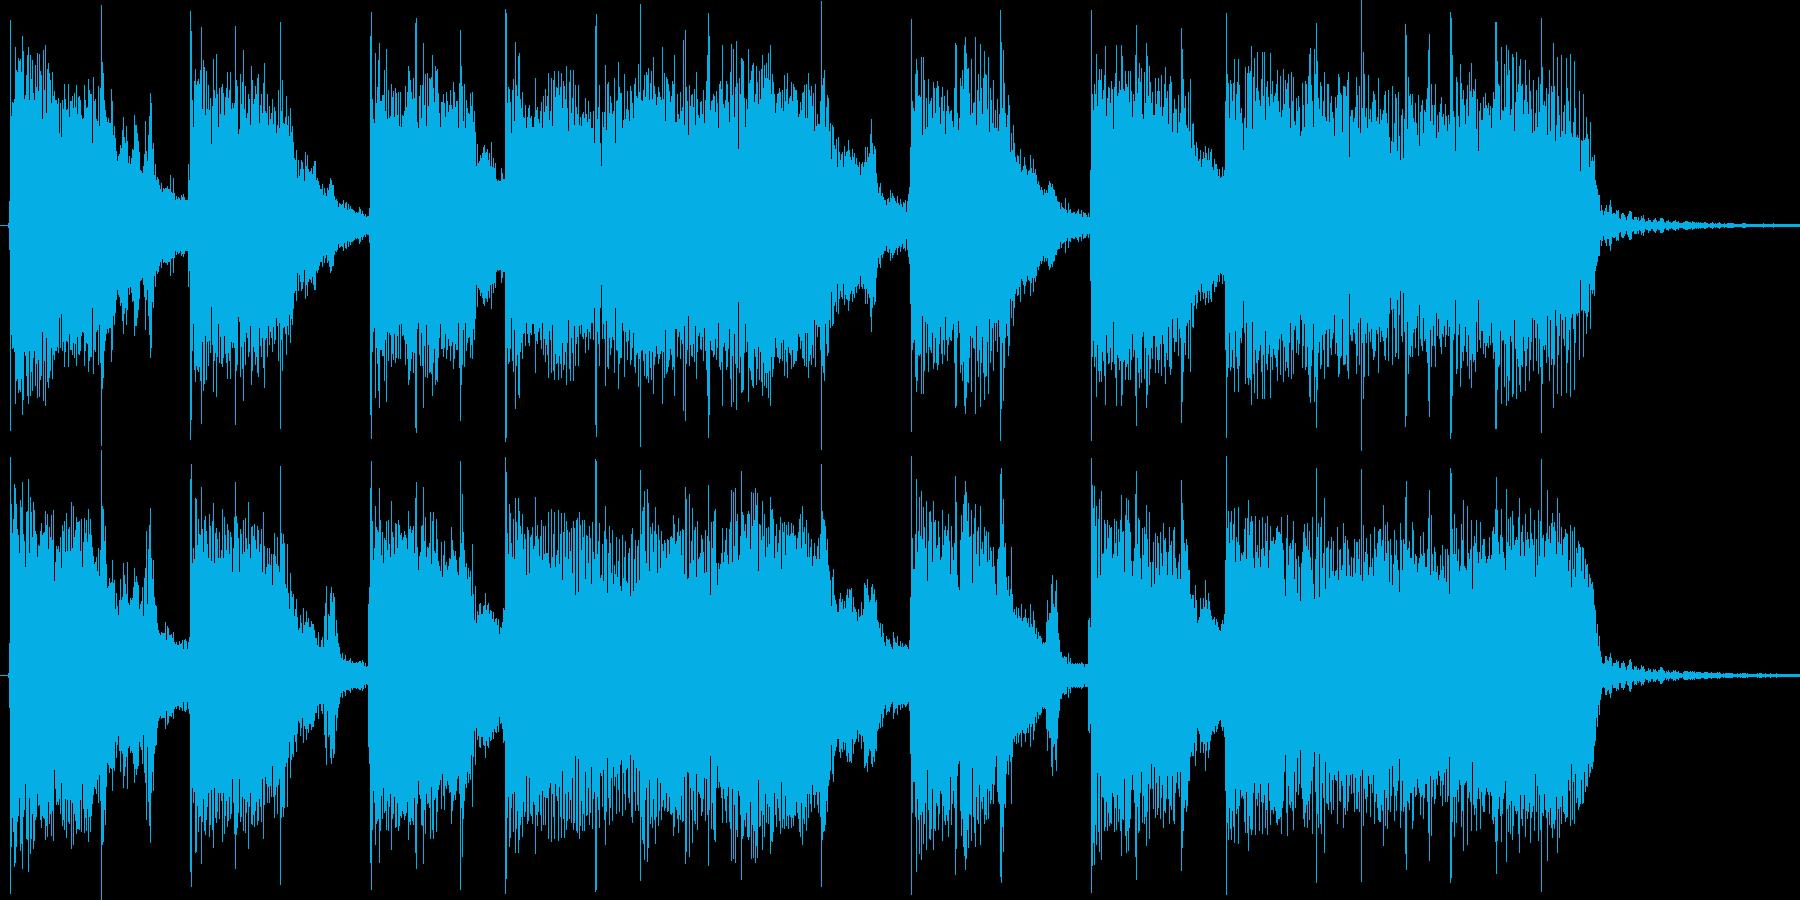 カラッとしたアメリカンロック風ジングルの再生済みの波形